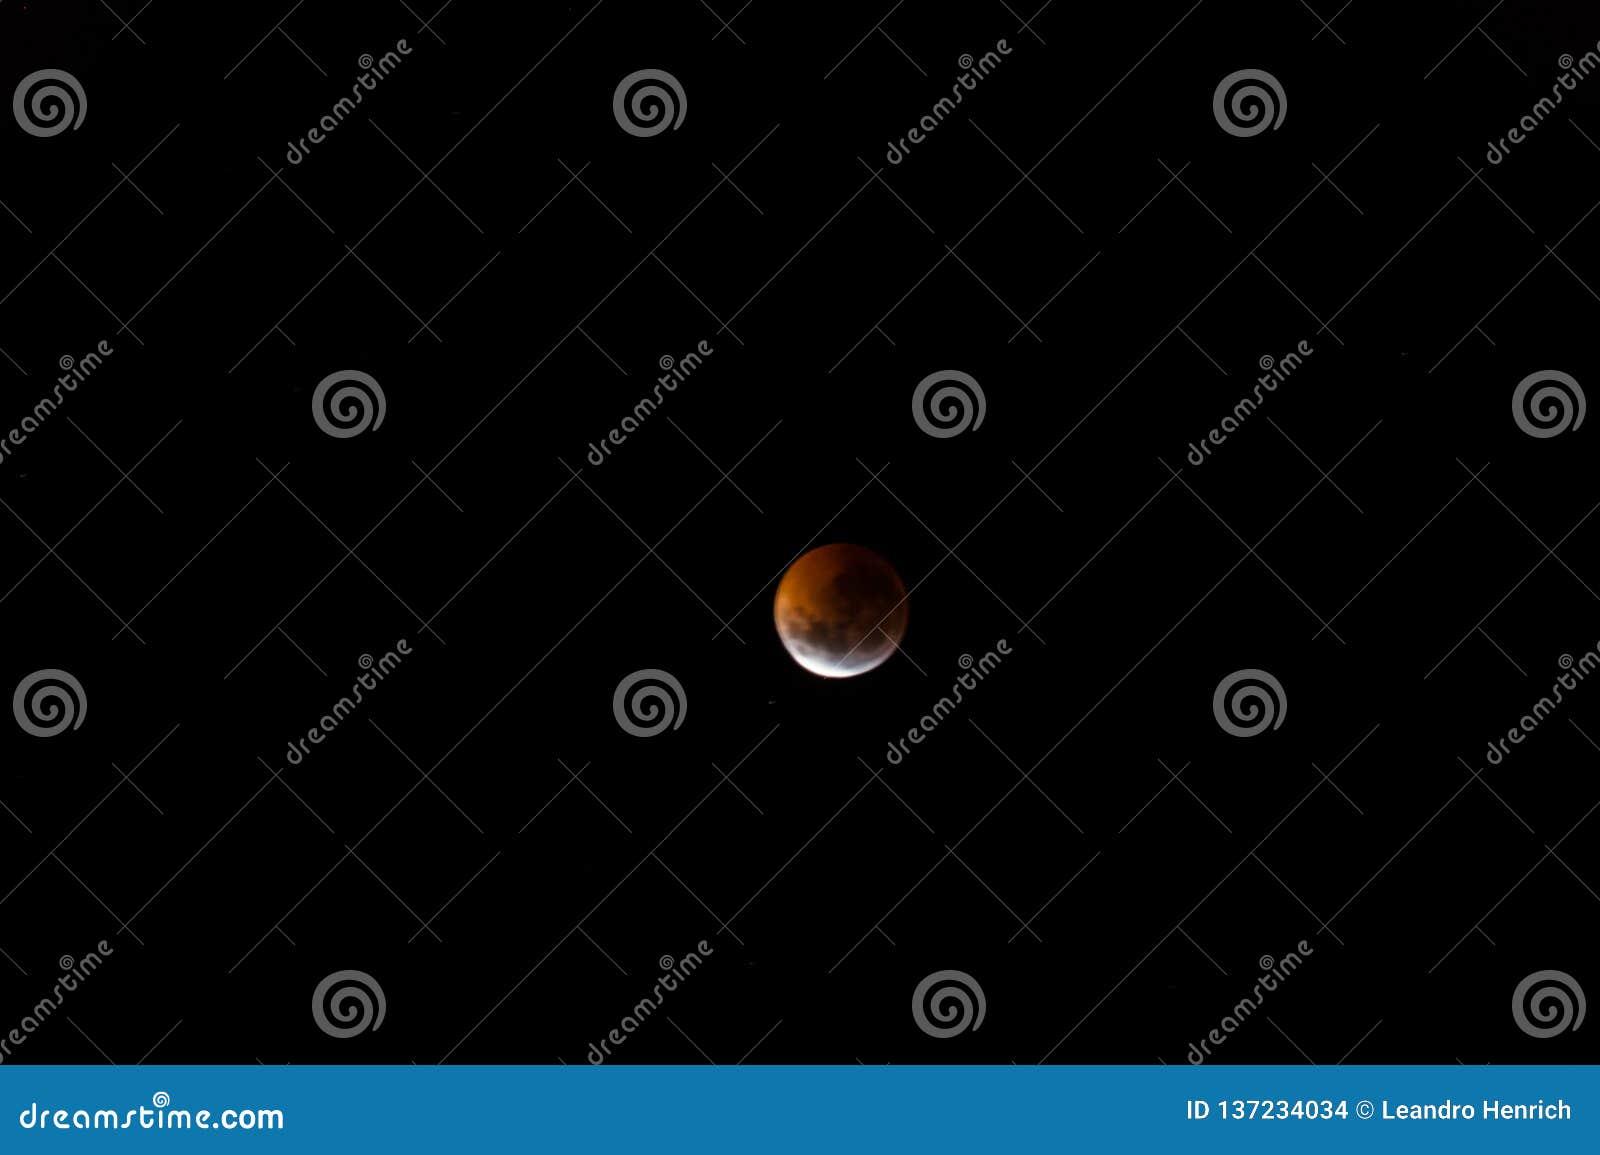 Krwista księżyc: Sumaryczny zaćmienie księżyca 2019